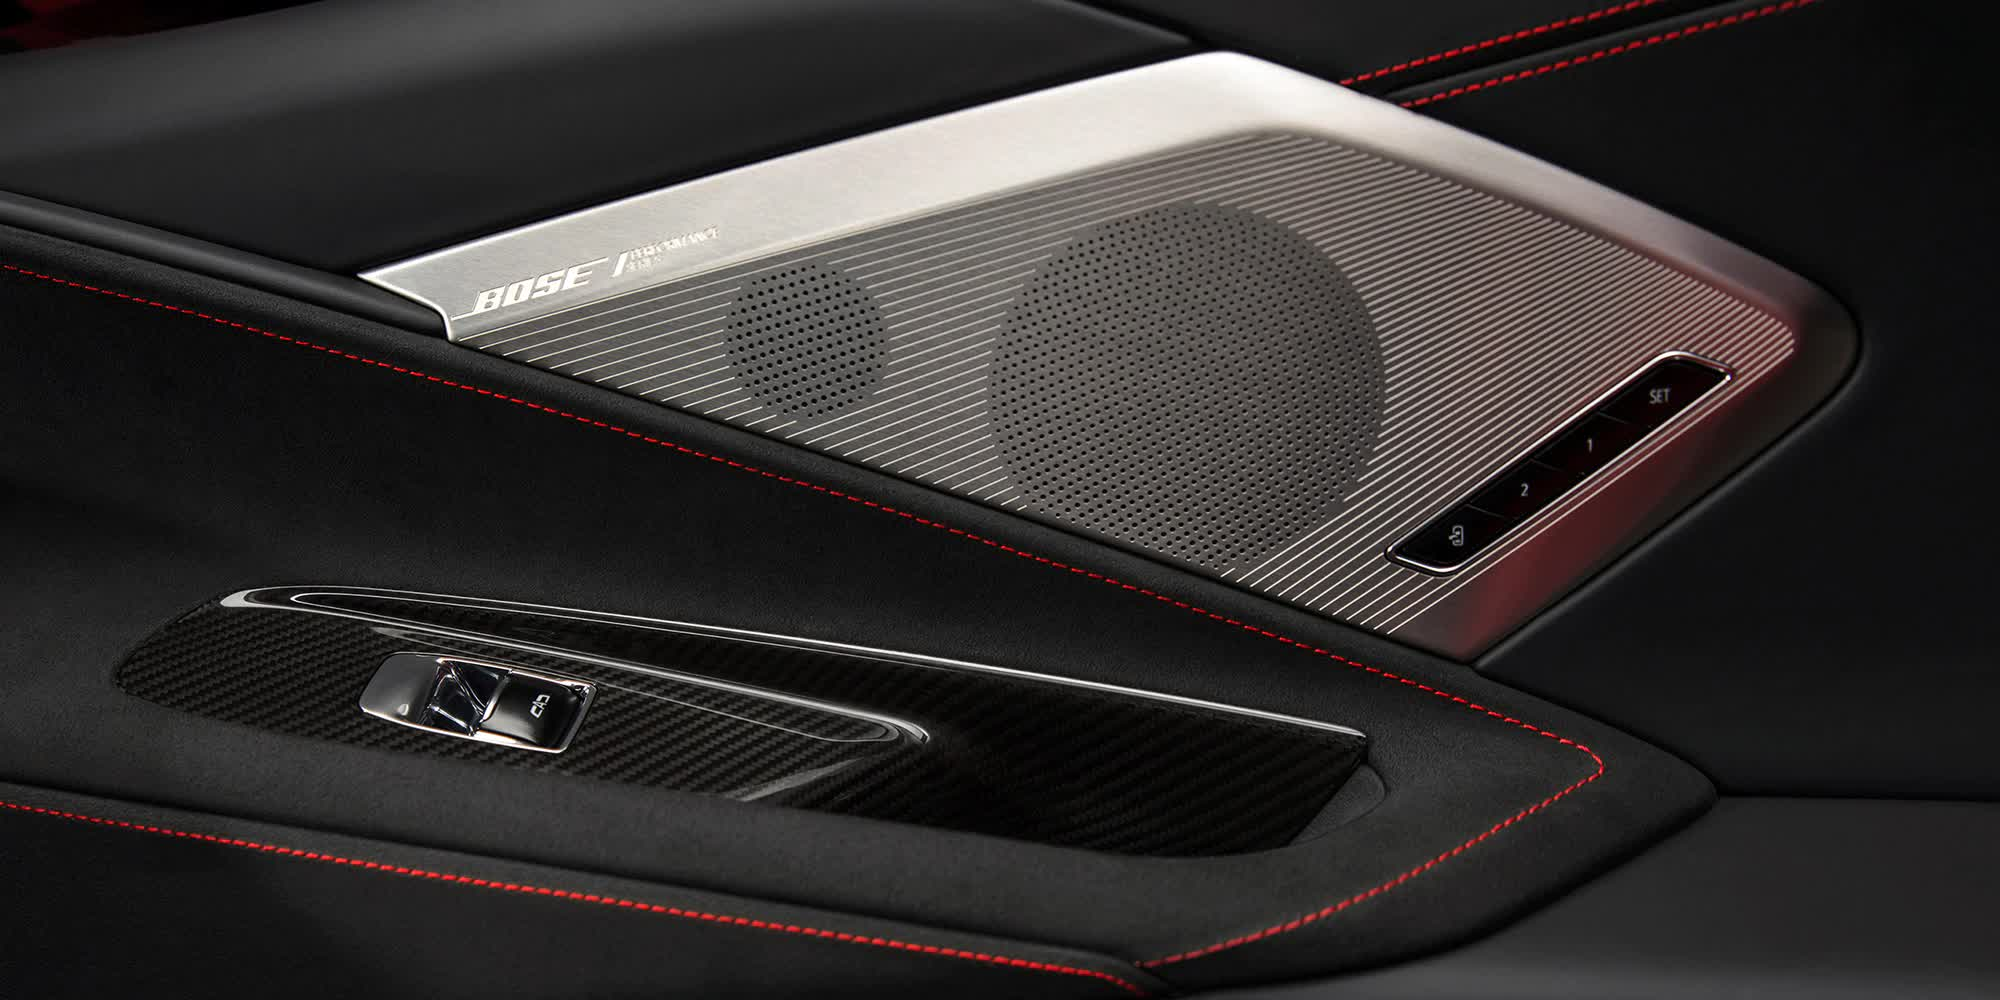 dettaglio-altoparlanti-sulle-portiere-Corvette-c8-stingray-2020-auto-sportiva-a-motore-centrale-disponibile-con-allestimento-coupe-e-convertible-in-esclusiva-presso-gruppo-cavauto-a-Monza.jpg